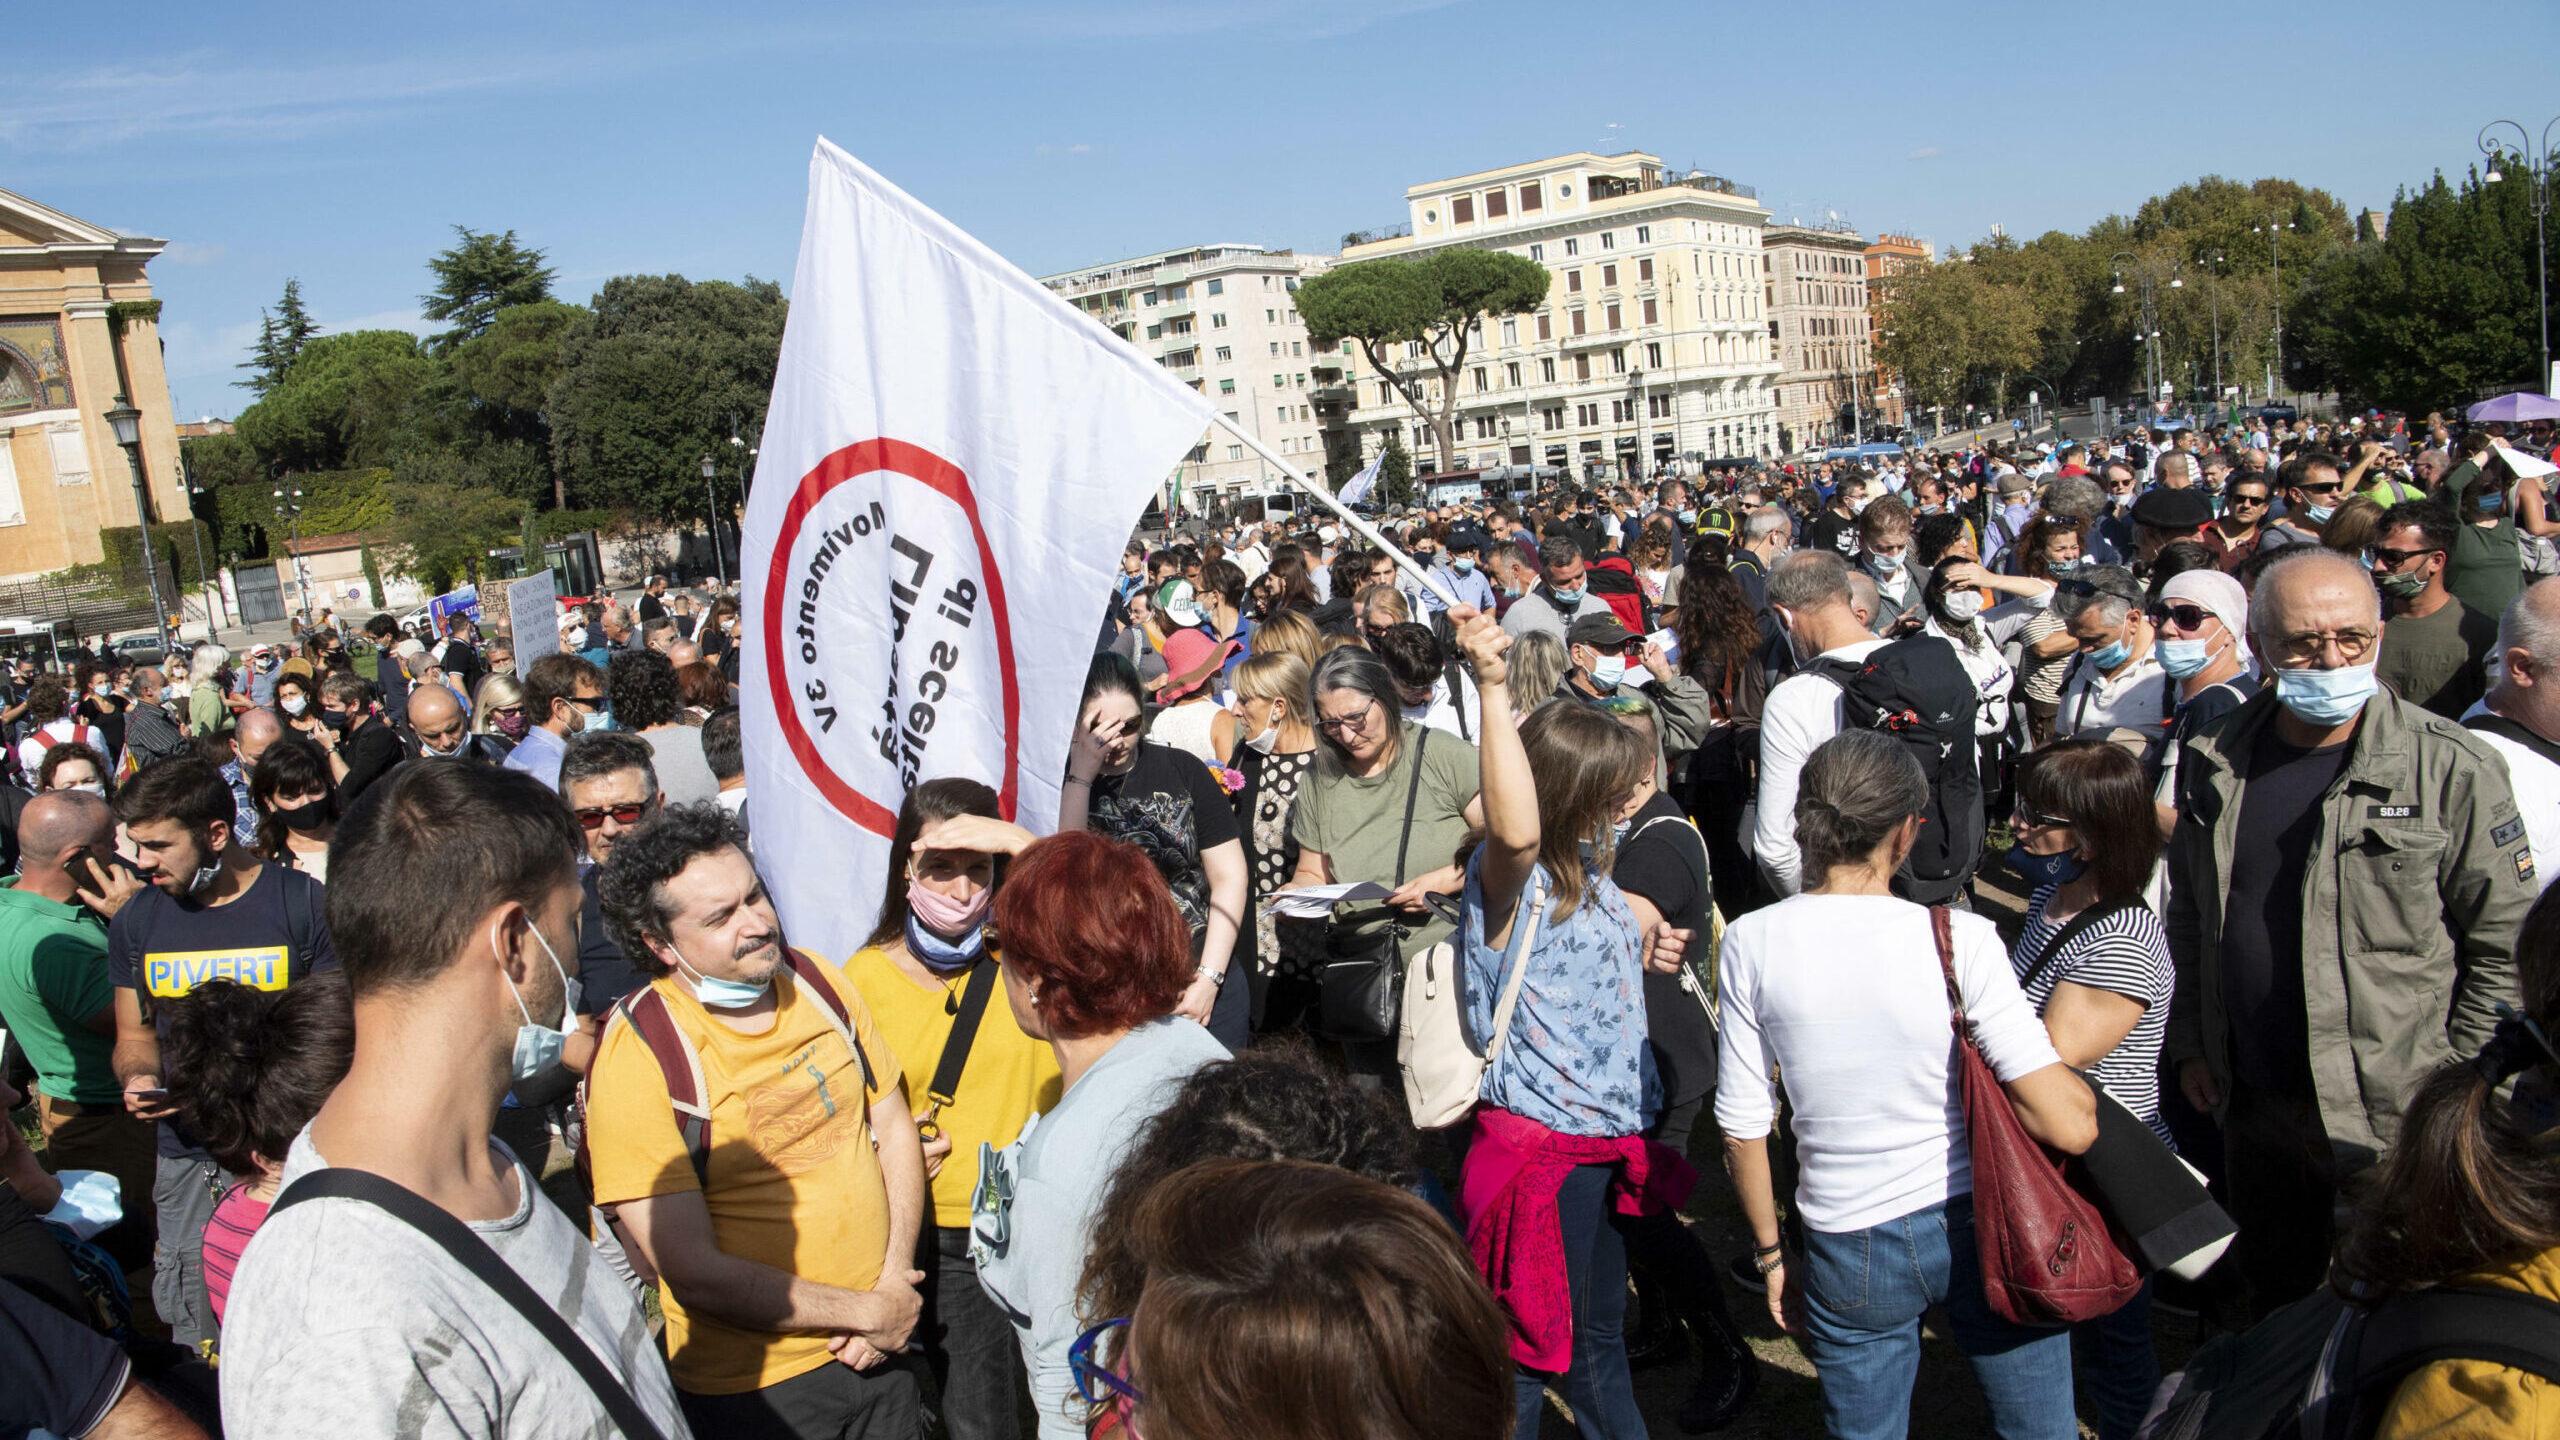 No mask a metà, la «marcia» statica dei sovranisti